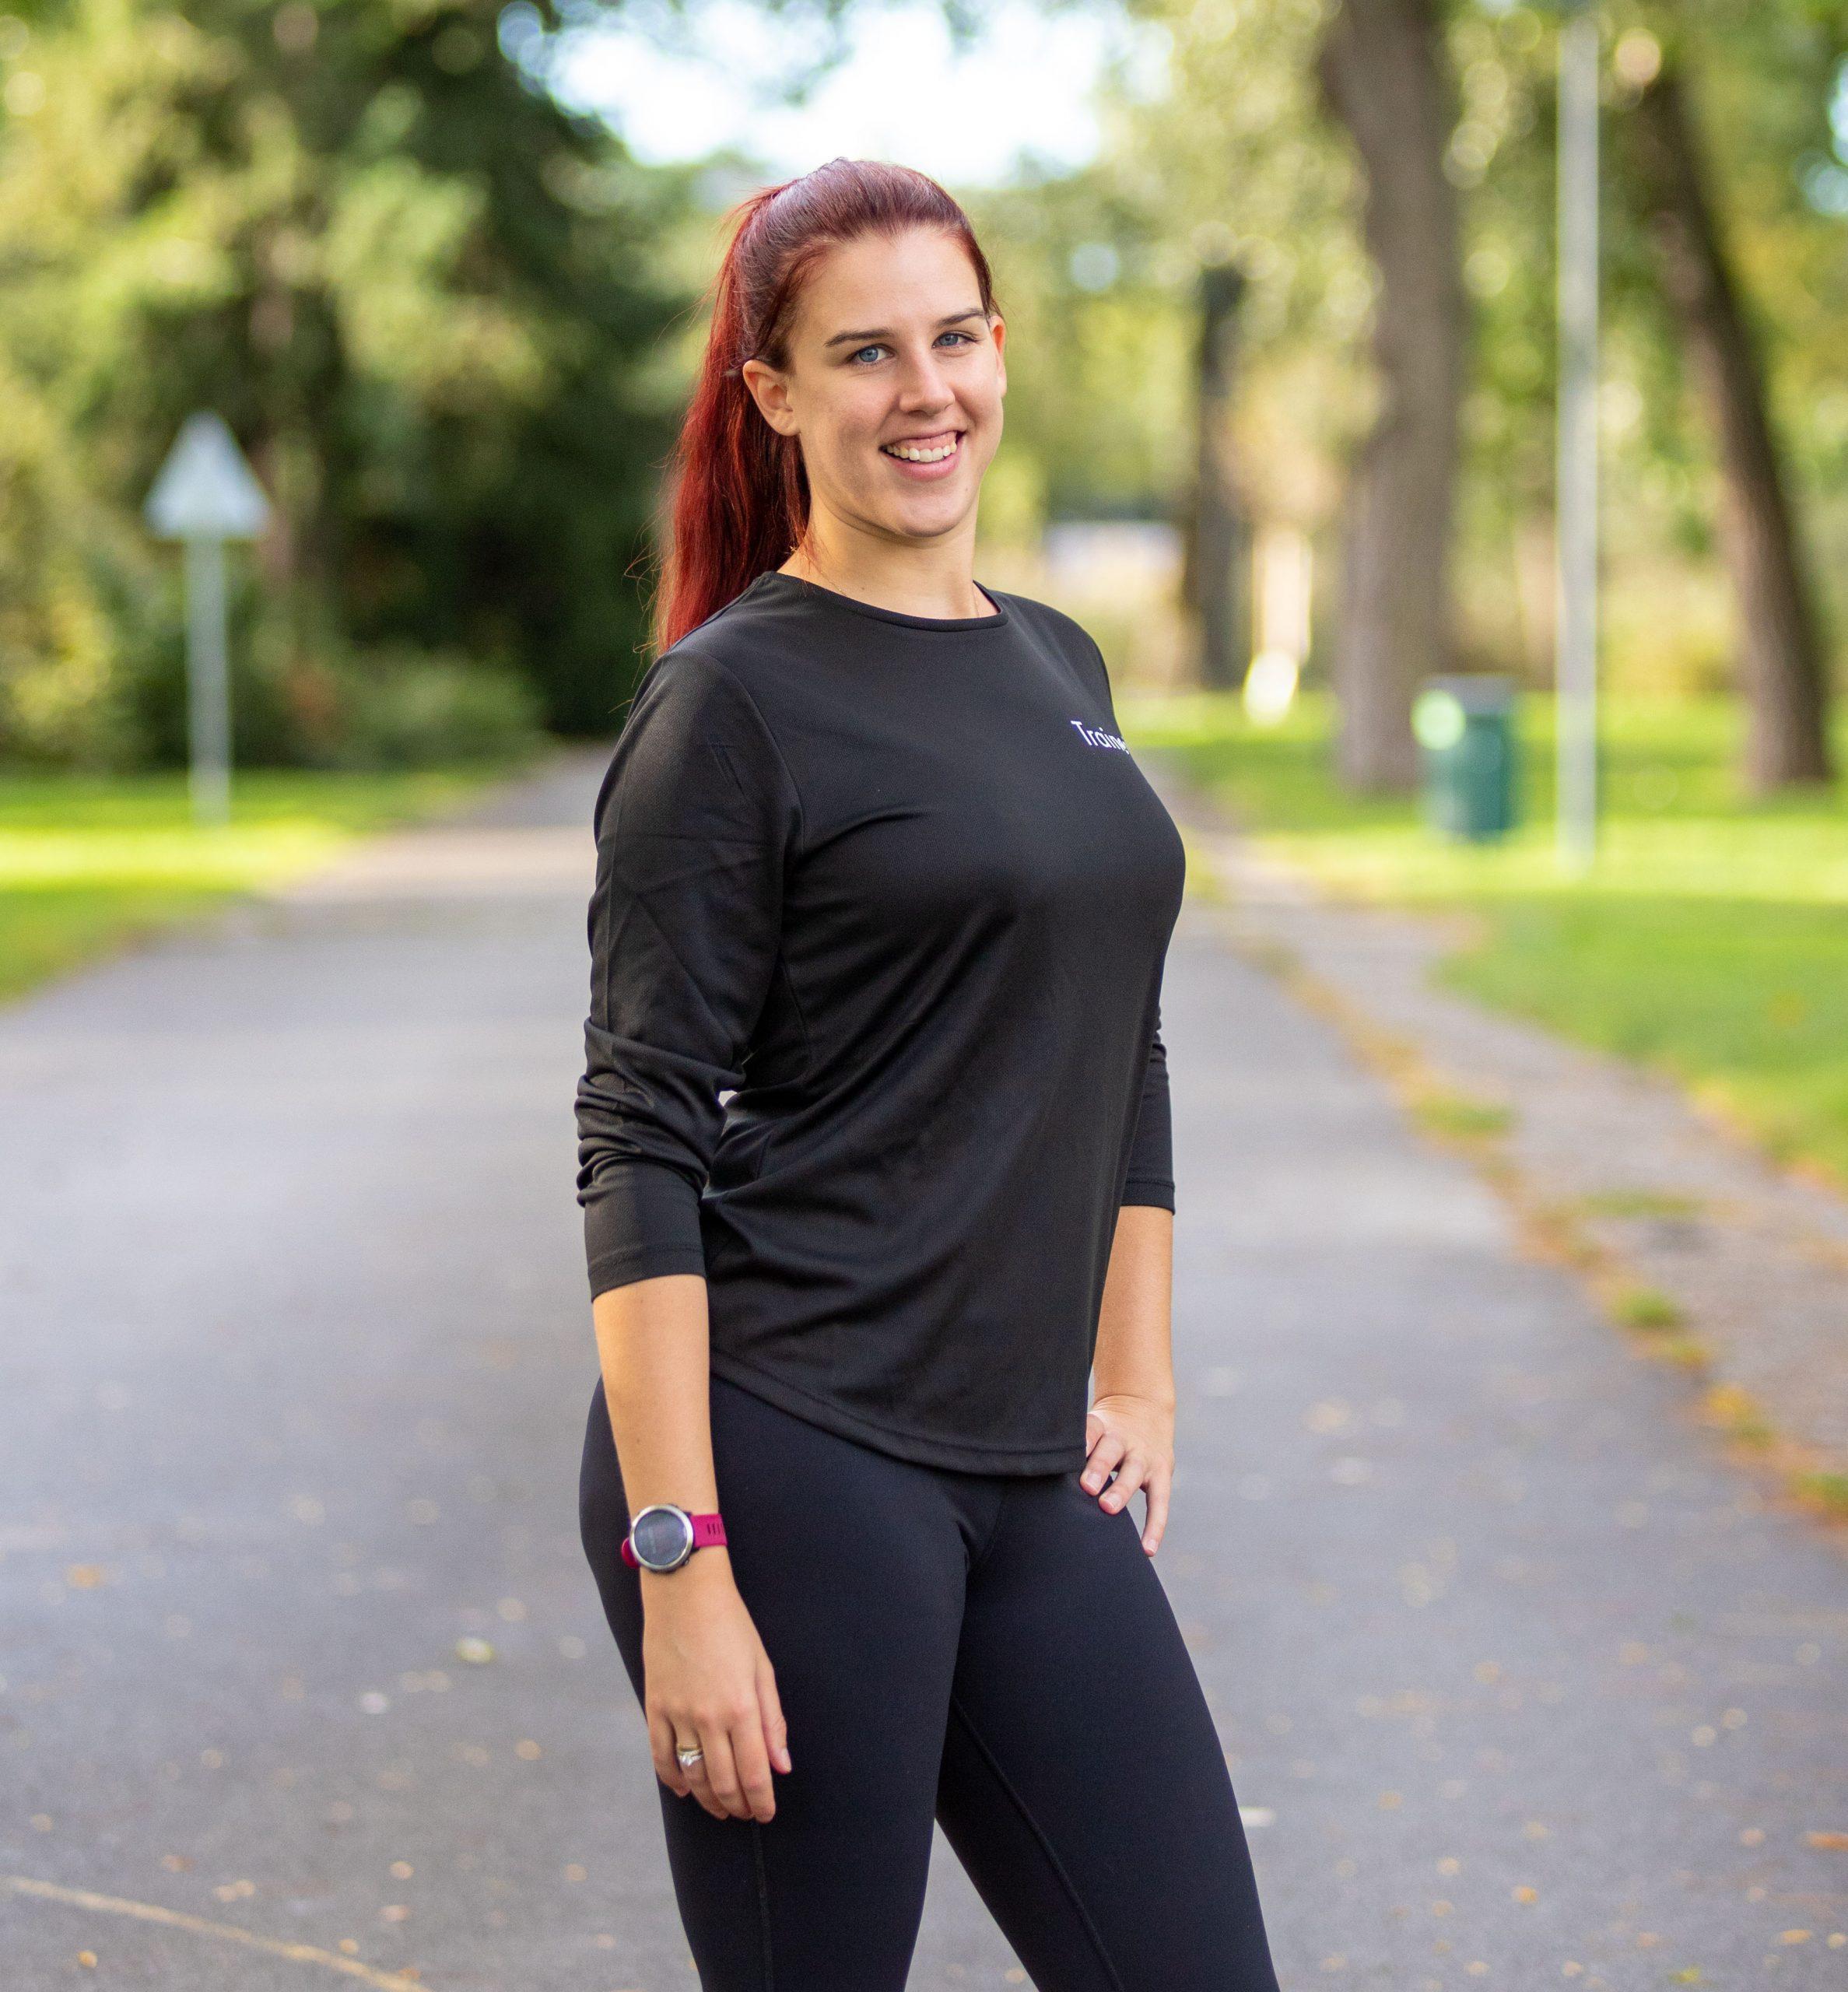 Lauftrainerin steht im Park